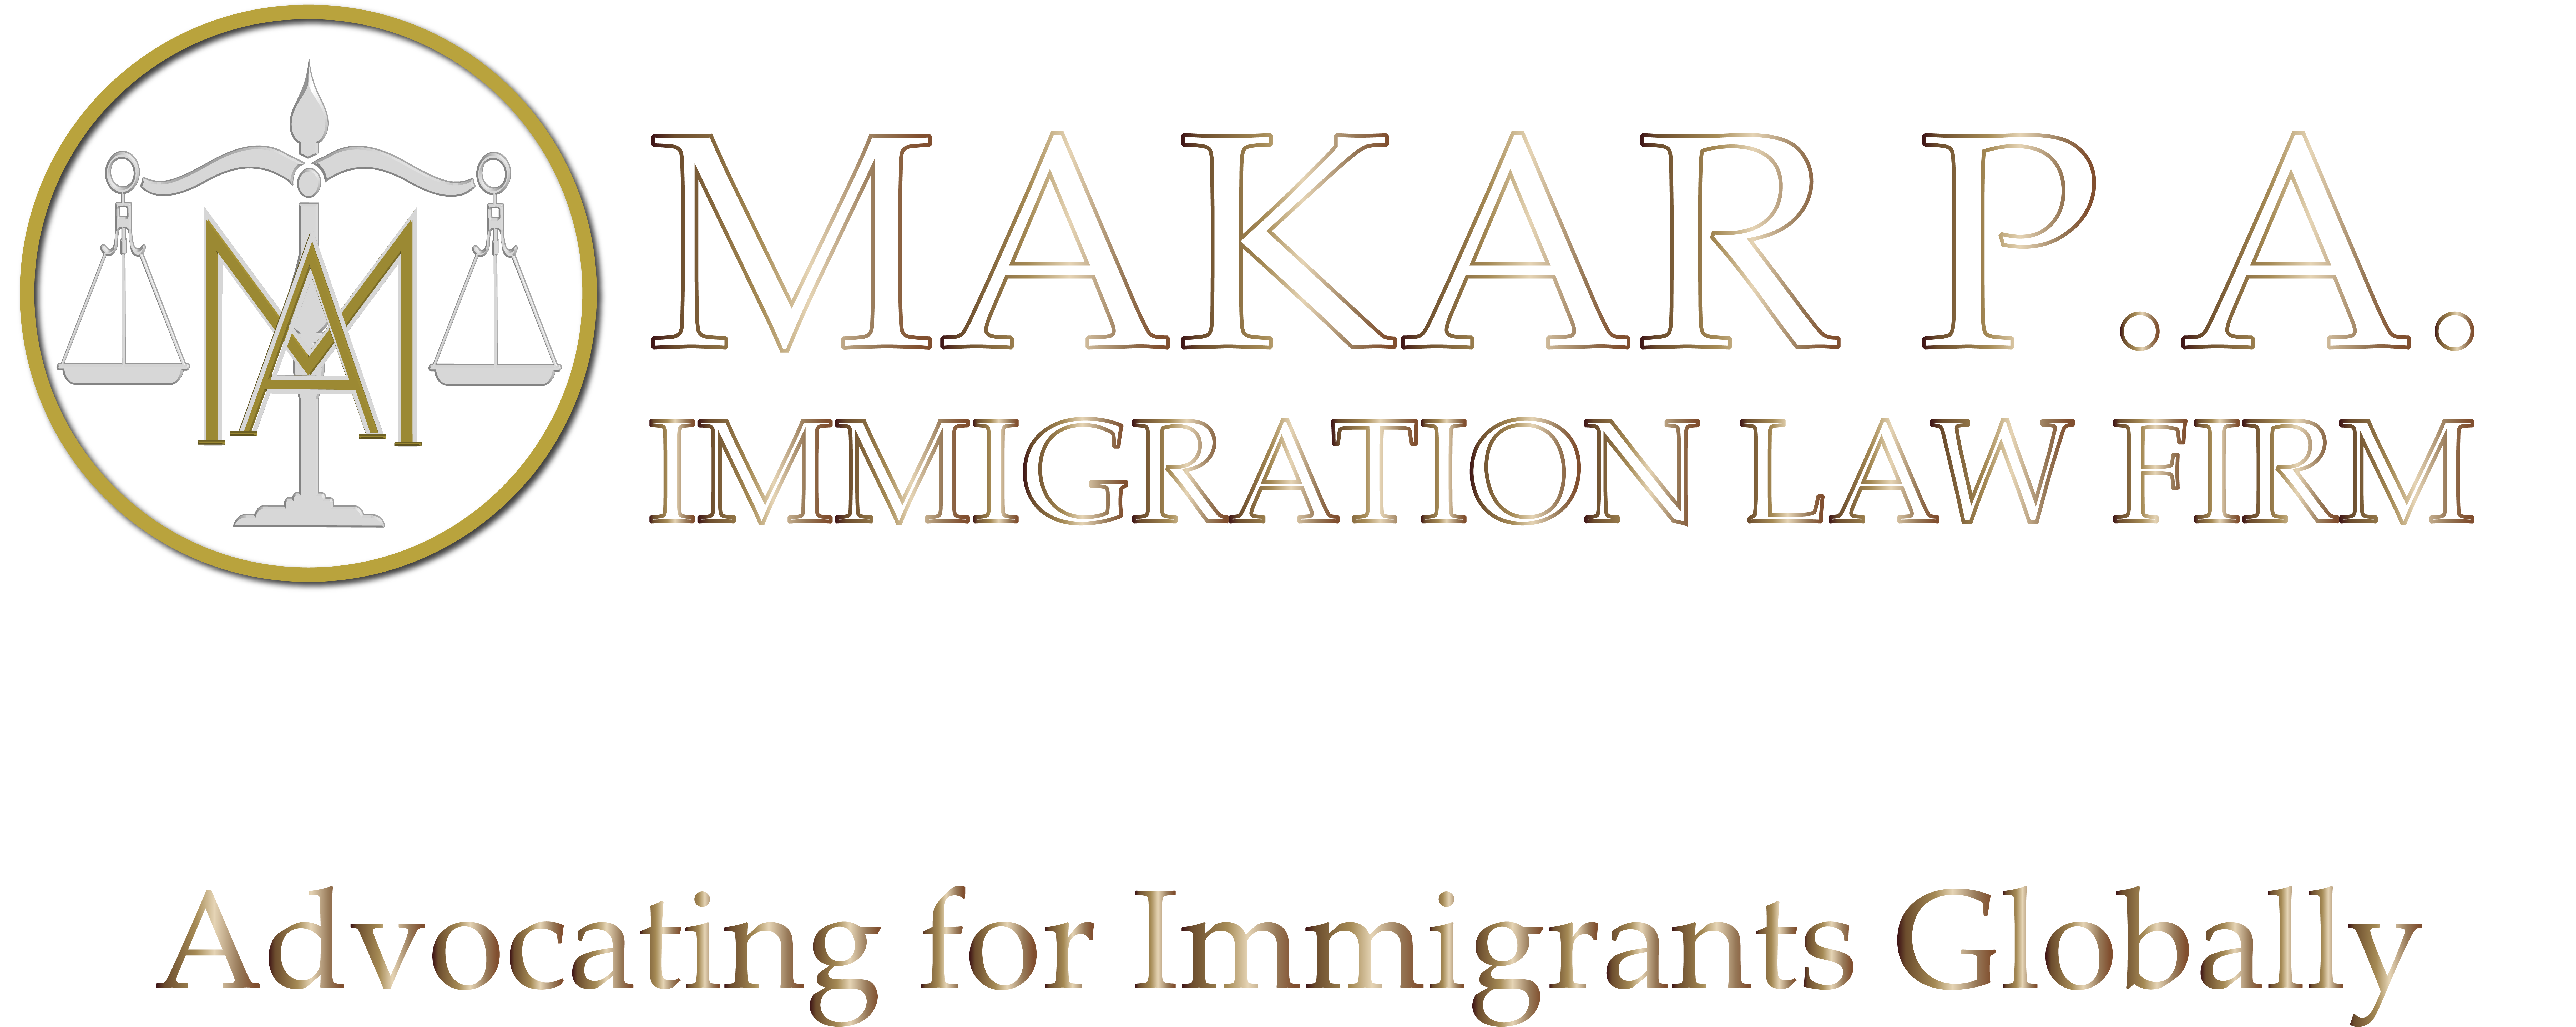 makar logo with text